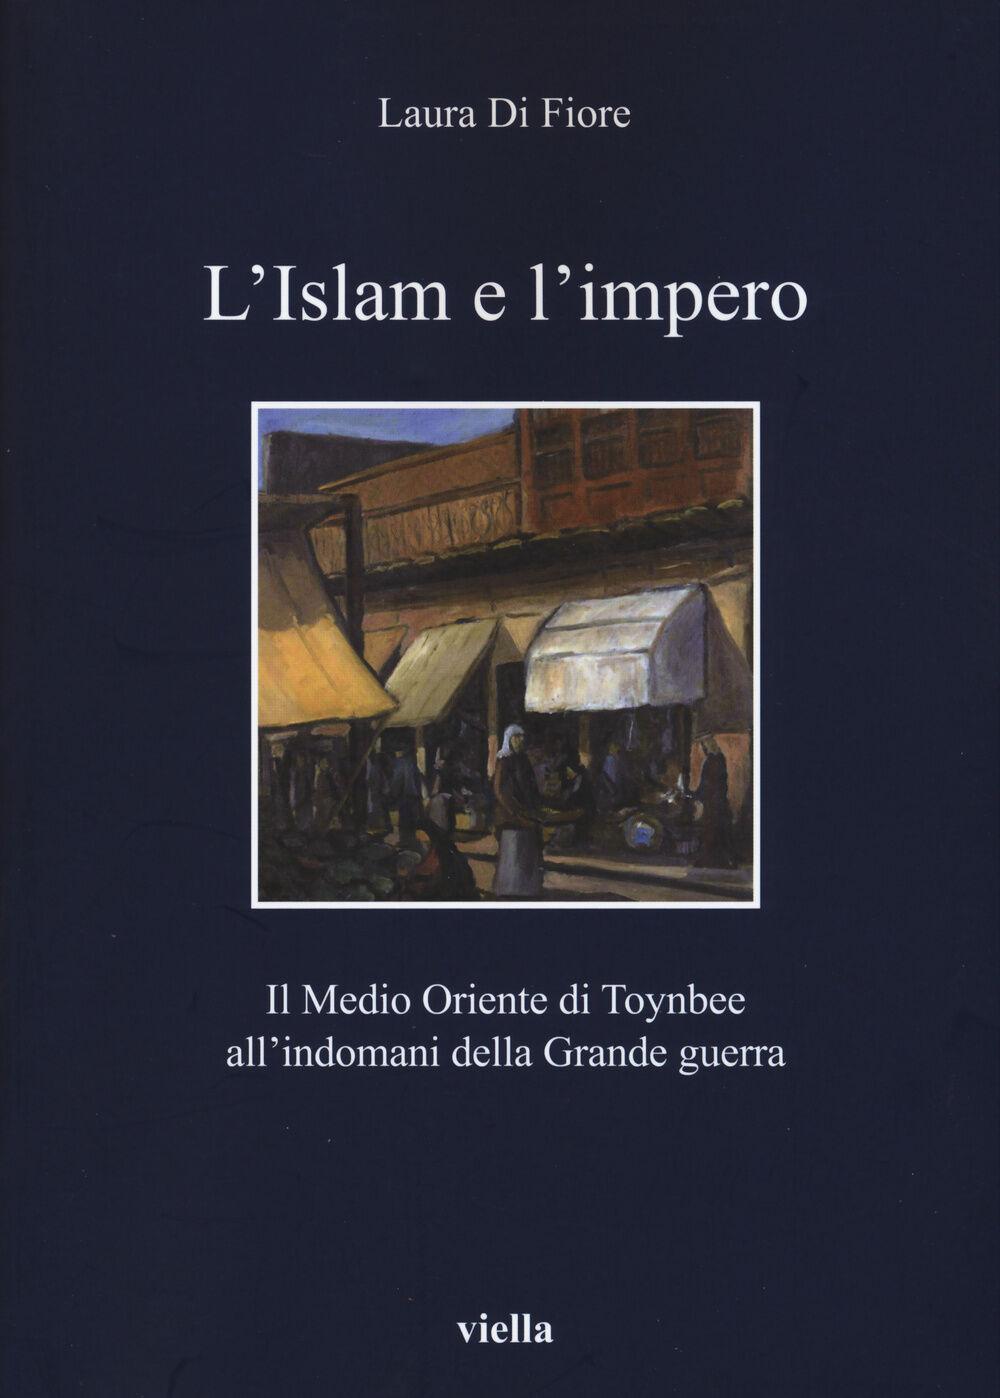 L' Islam e l'impero. Il Medio Oriente di Toynbee all'indomani della Grande guerra